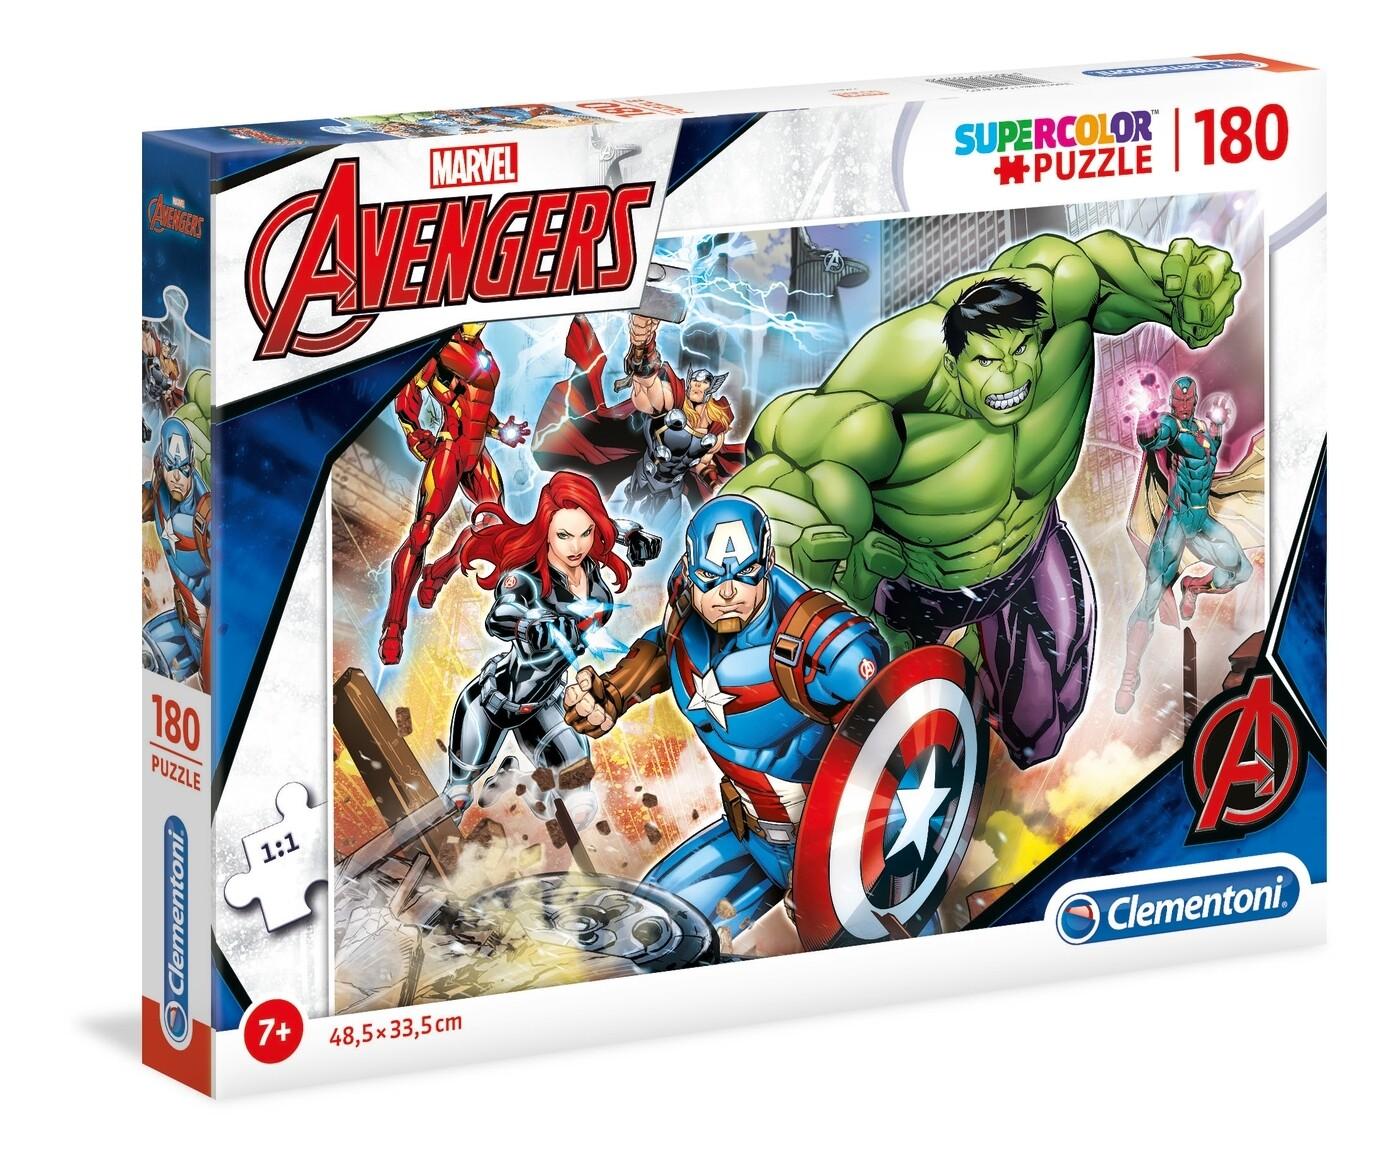 PUZZLE Super 180 pcs Avengers - CLEMENTONI